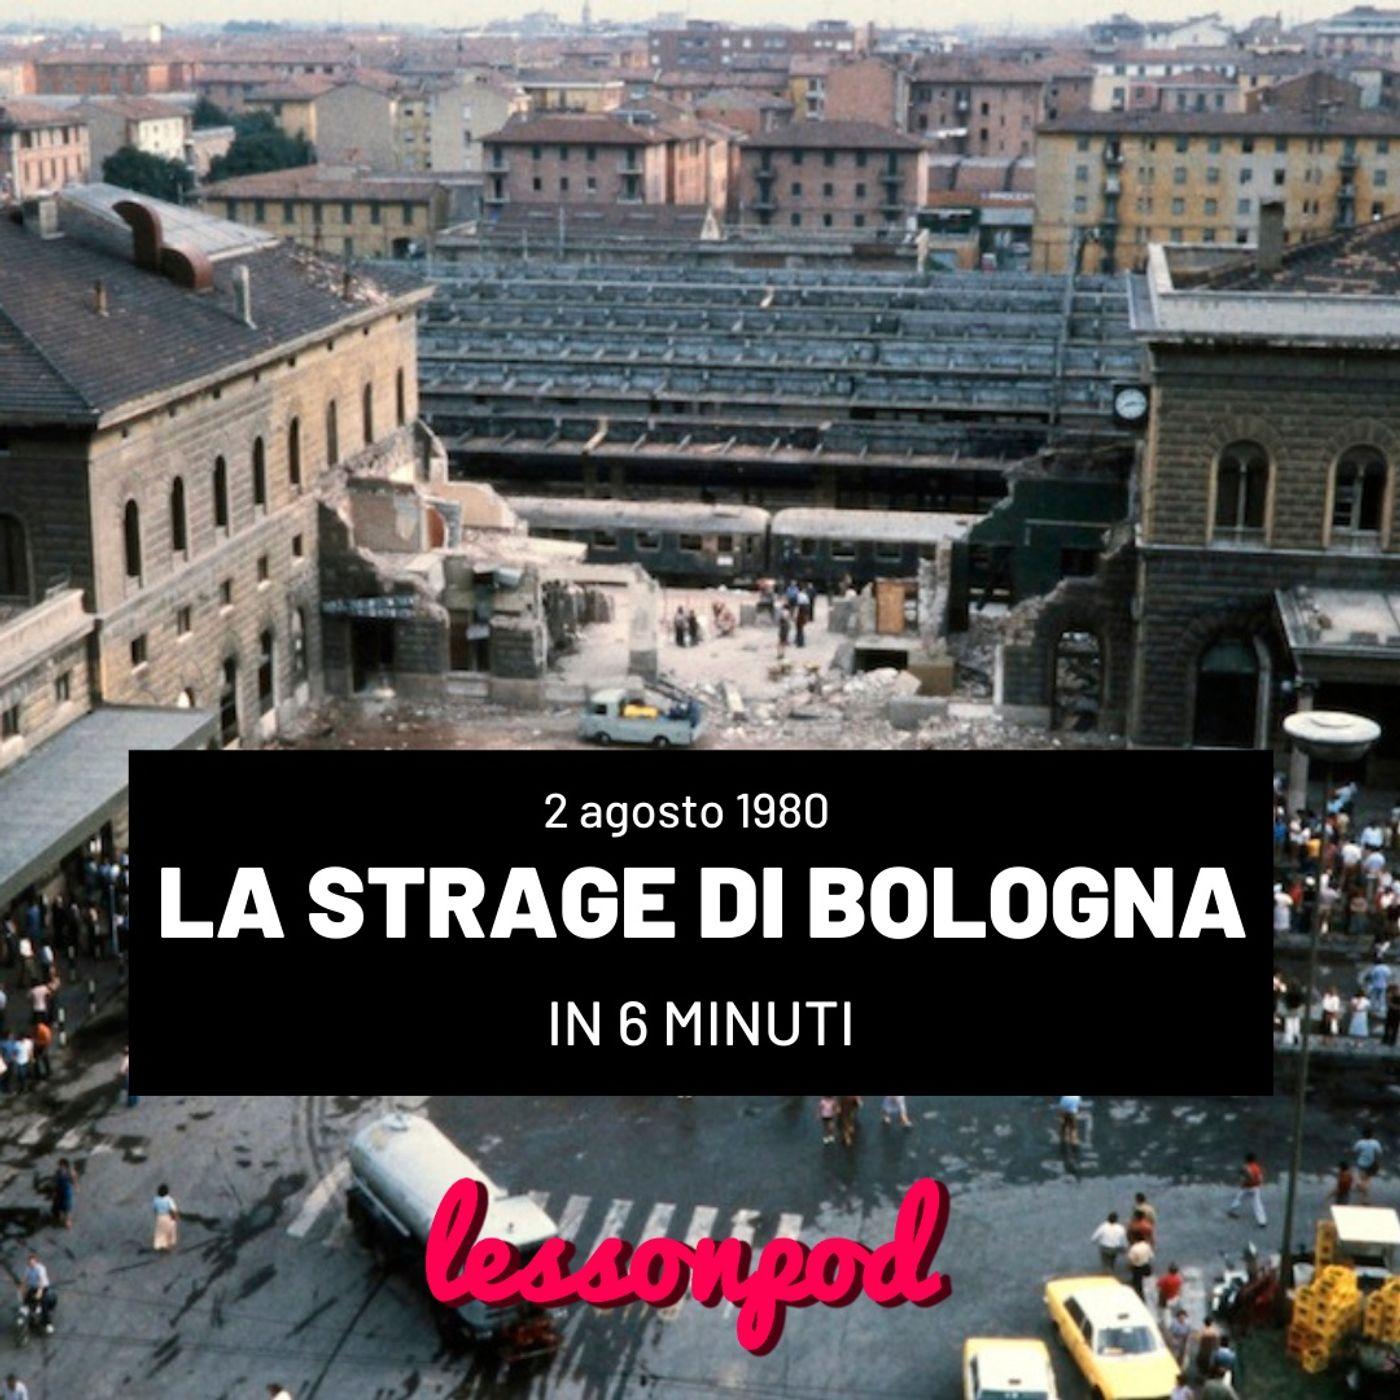 2 agosto 1980, la strage di Bologna in 6 minuti